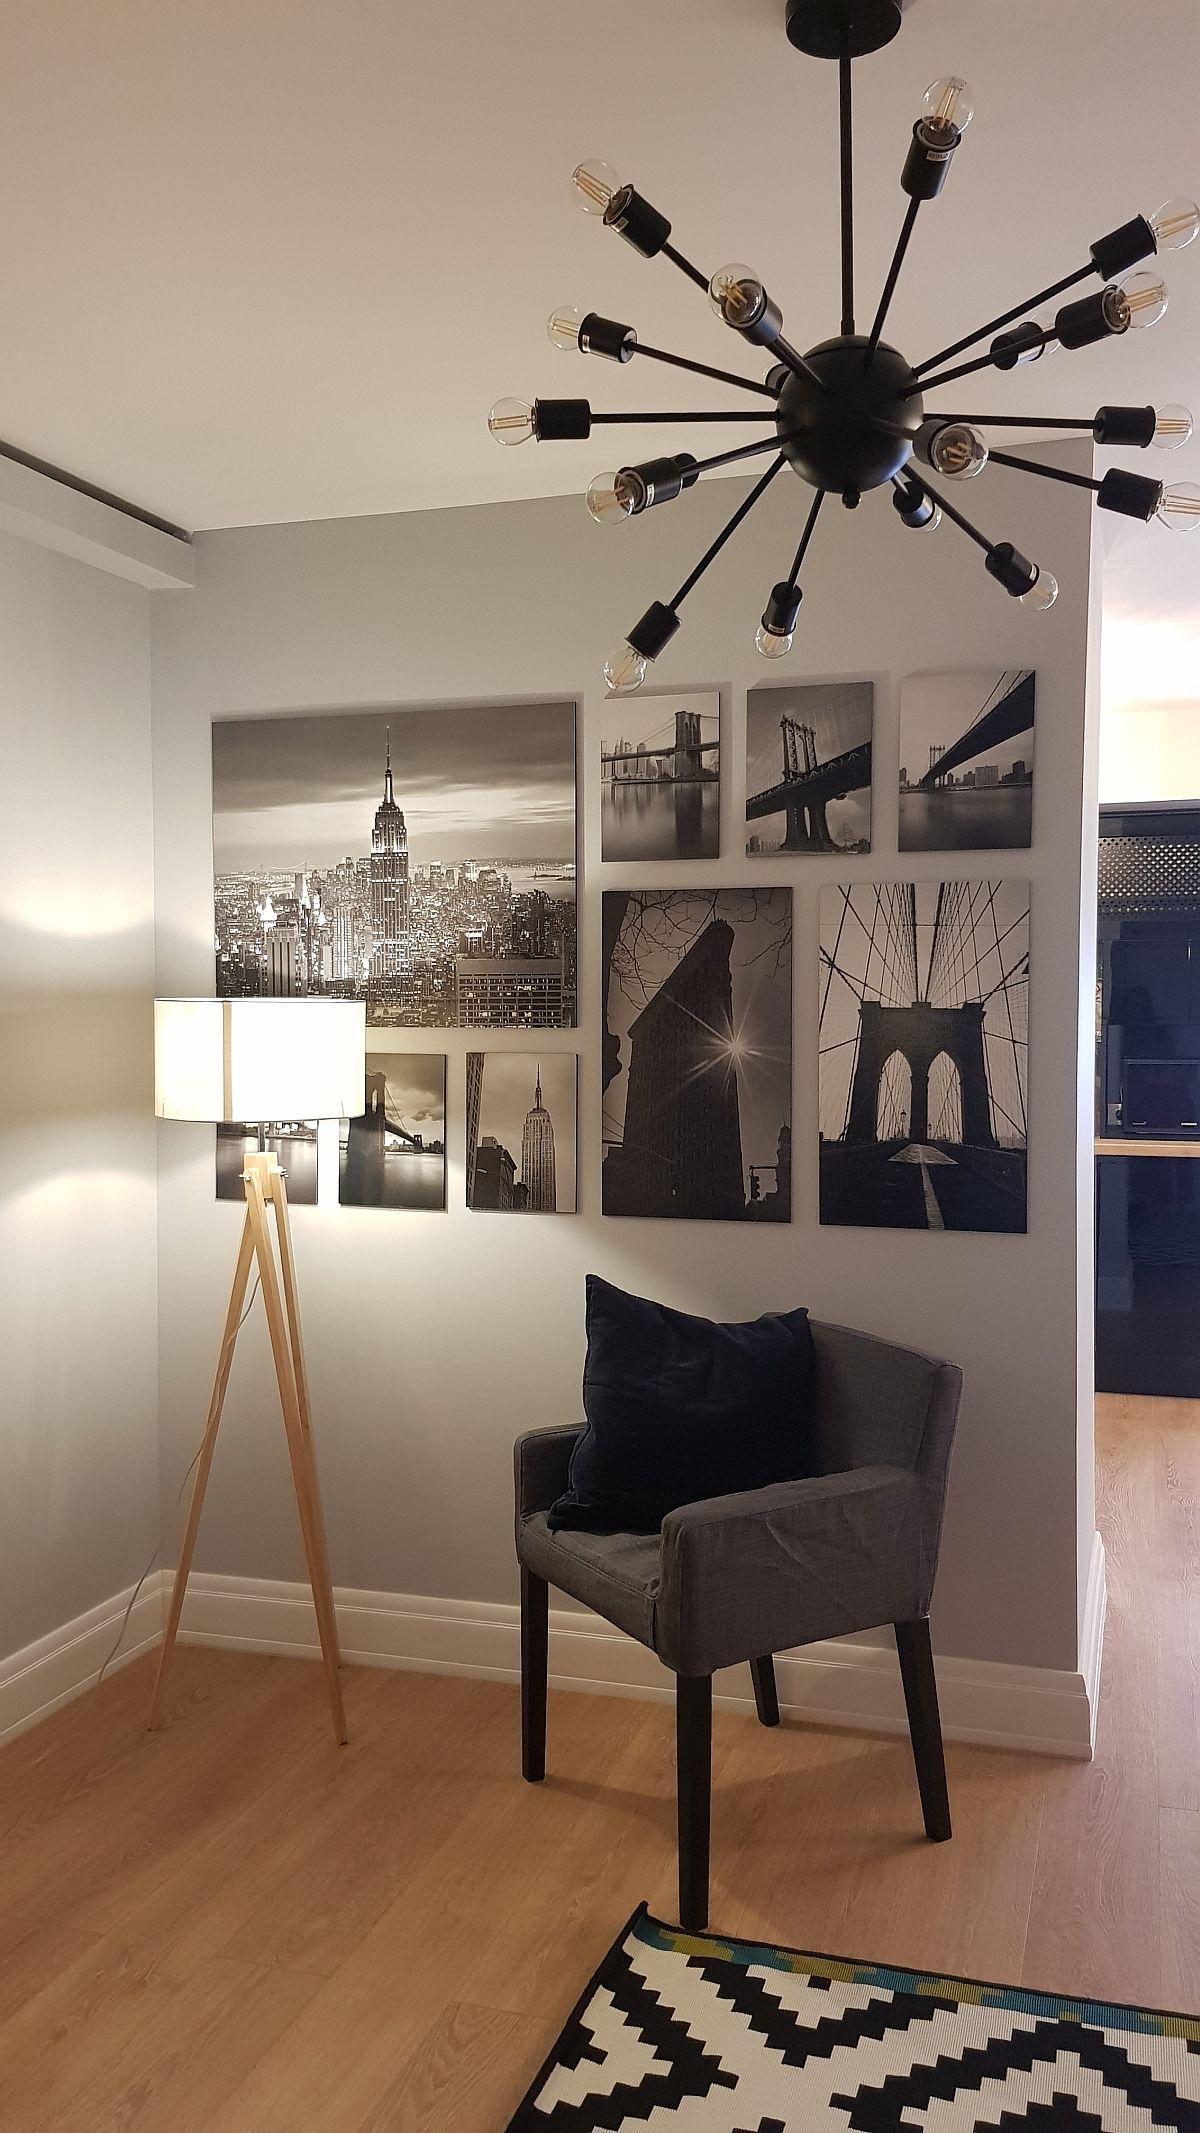 Peretele parțial dintre living și bucătărie este decorat cu imagini alb negru. Dacă se dorește, se poate instala în zonă un lampadar și un scaun confortabil pentru extra loc de ședere la tv. Fotografiile sunt de la IKEA, lampadarul de la Eglo, iar scaunul de la Somproduct. Corpul de iluminat din living este de la NeonLighting.